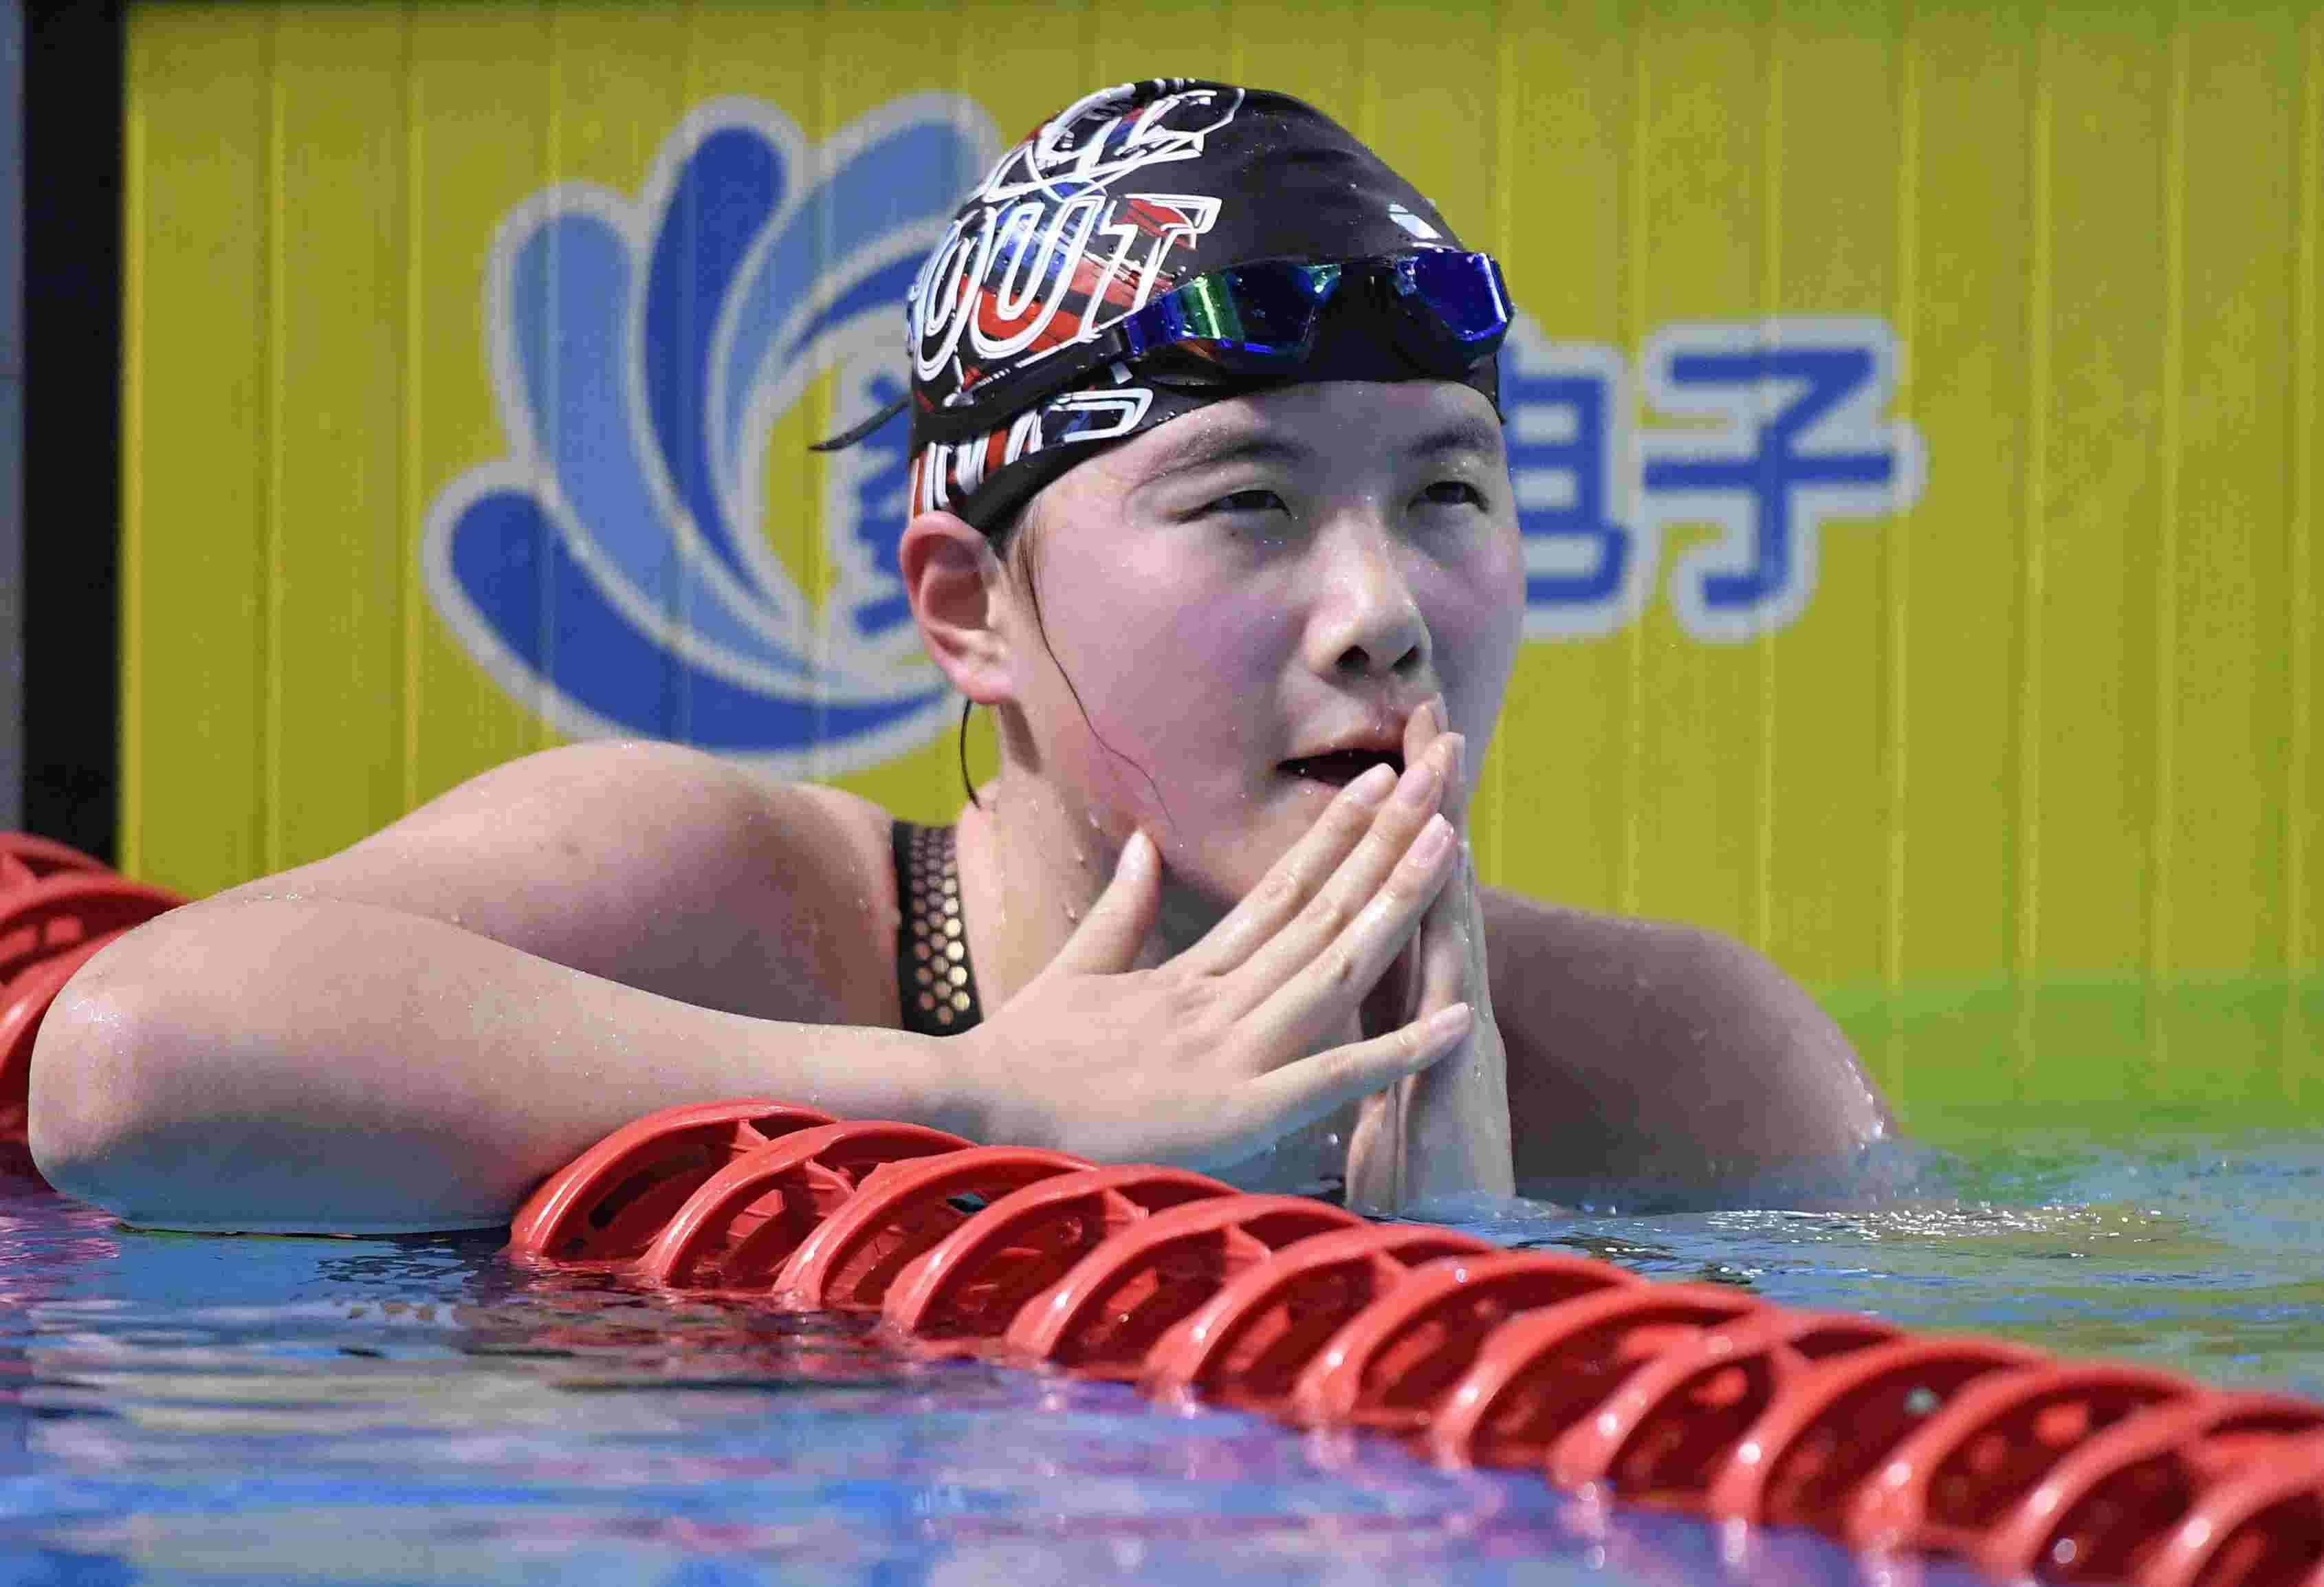 二青会游泳比赛收官,广东泳军有遗憾也有收获